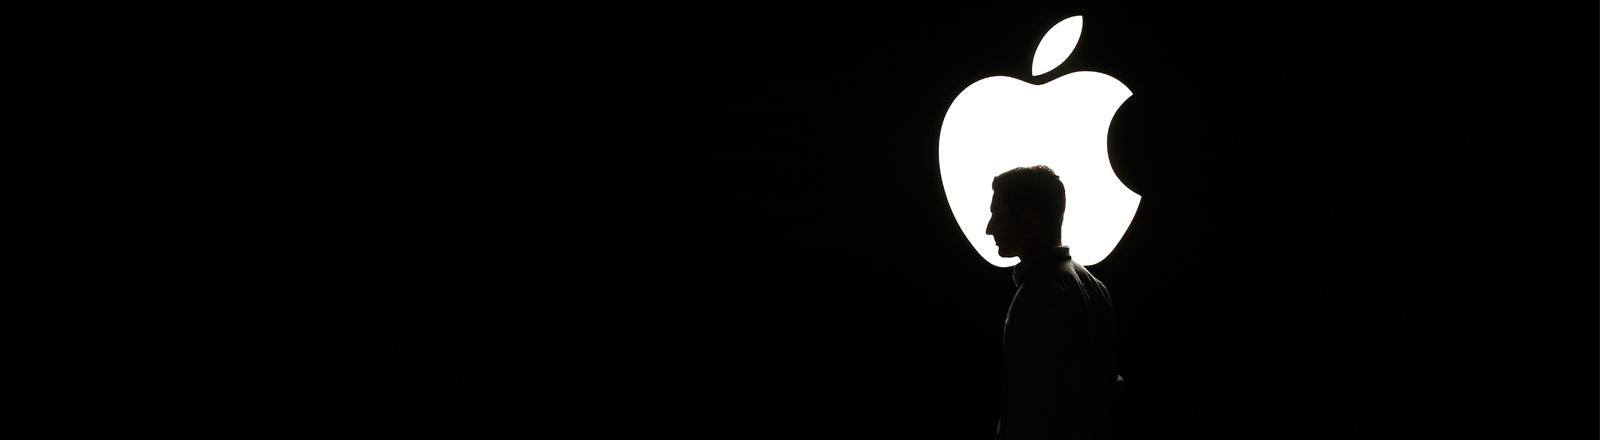 Auf der Apple-Keynote am 09.09.2015 läuft ein Mann vor dem Firmenlogo.